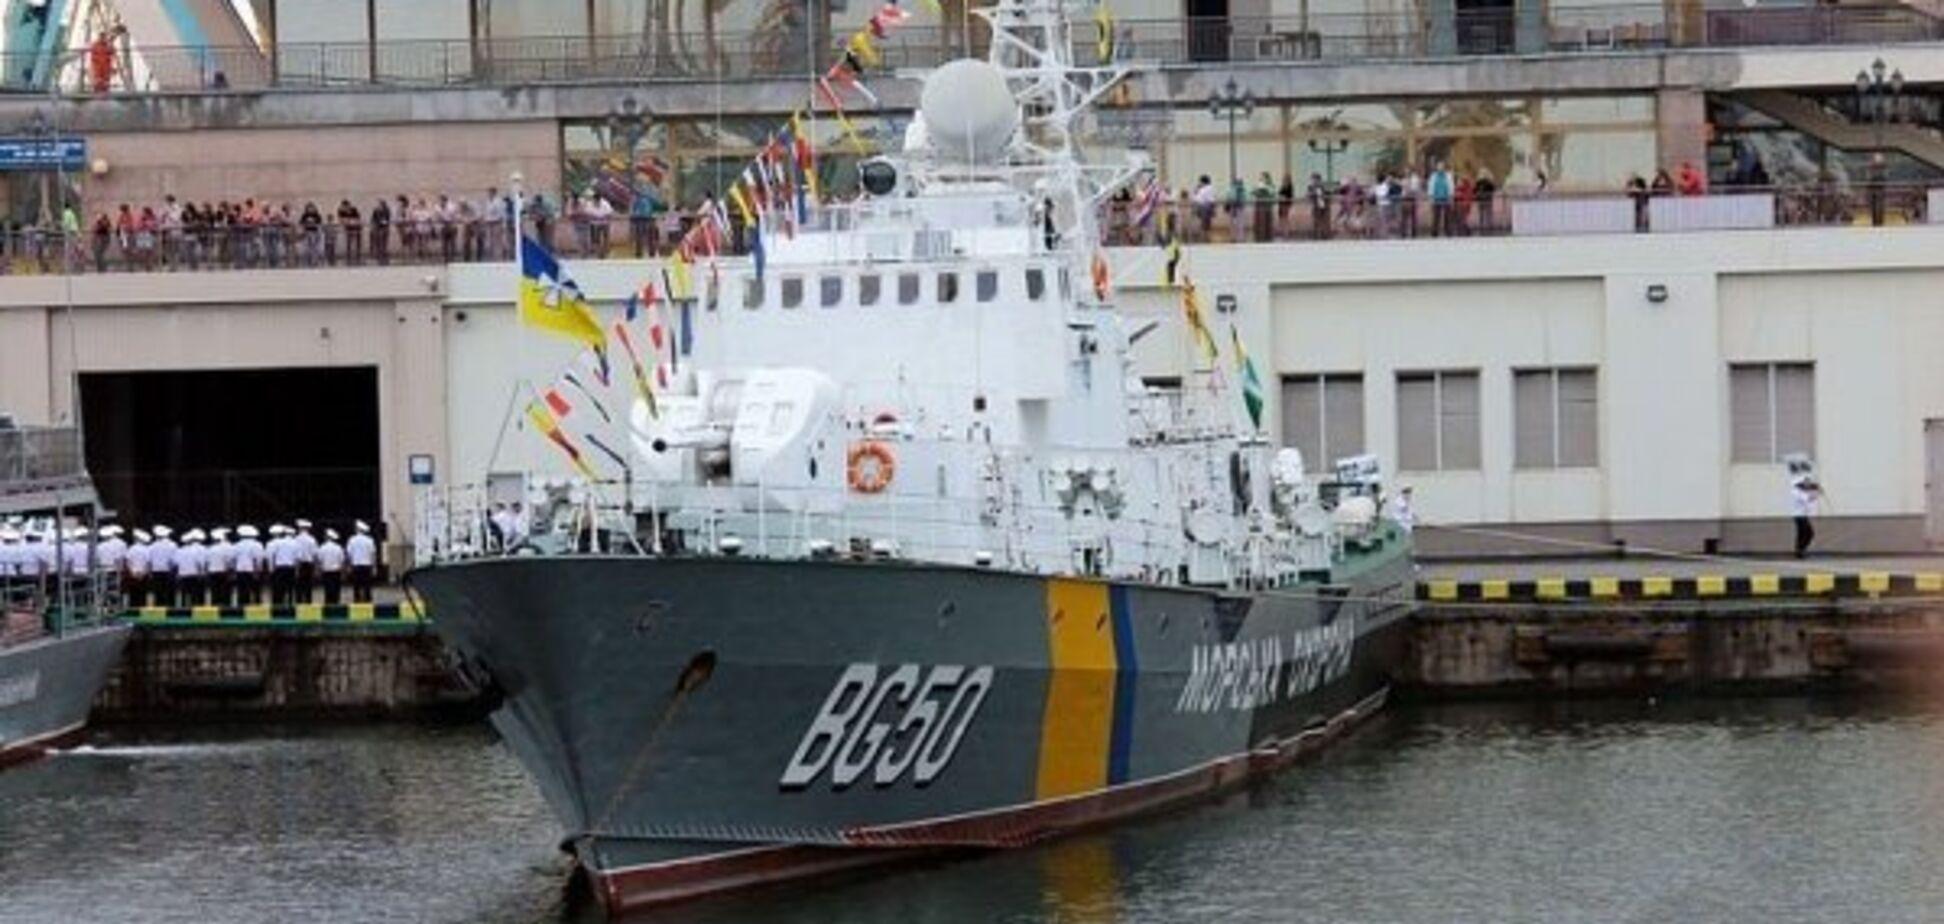 Післямова свята Національного флоту, чи 'Буря в стакані' в країні з континентальним мисленням?